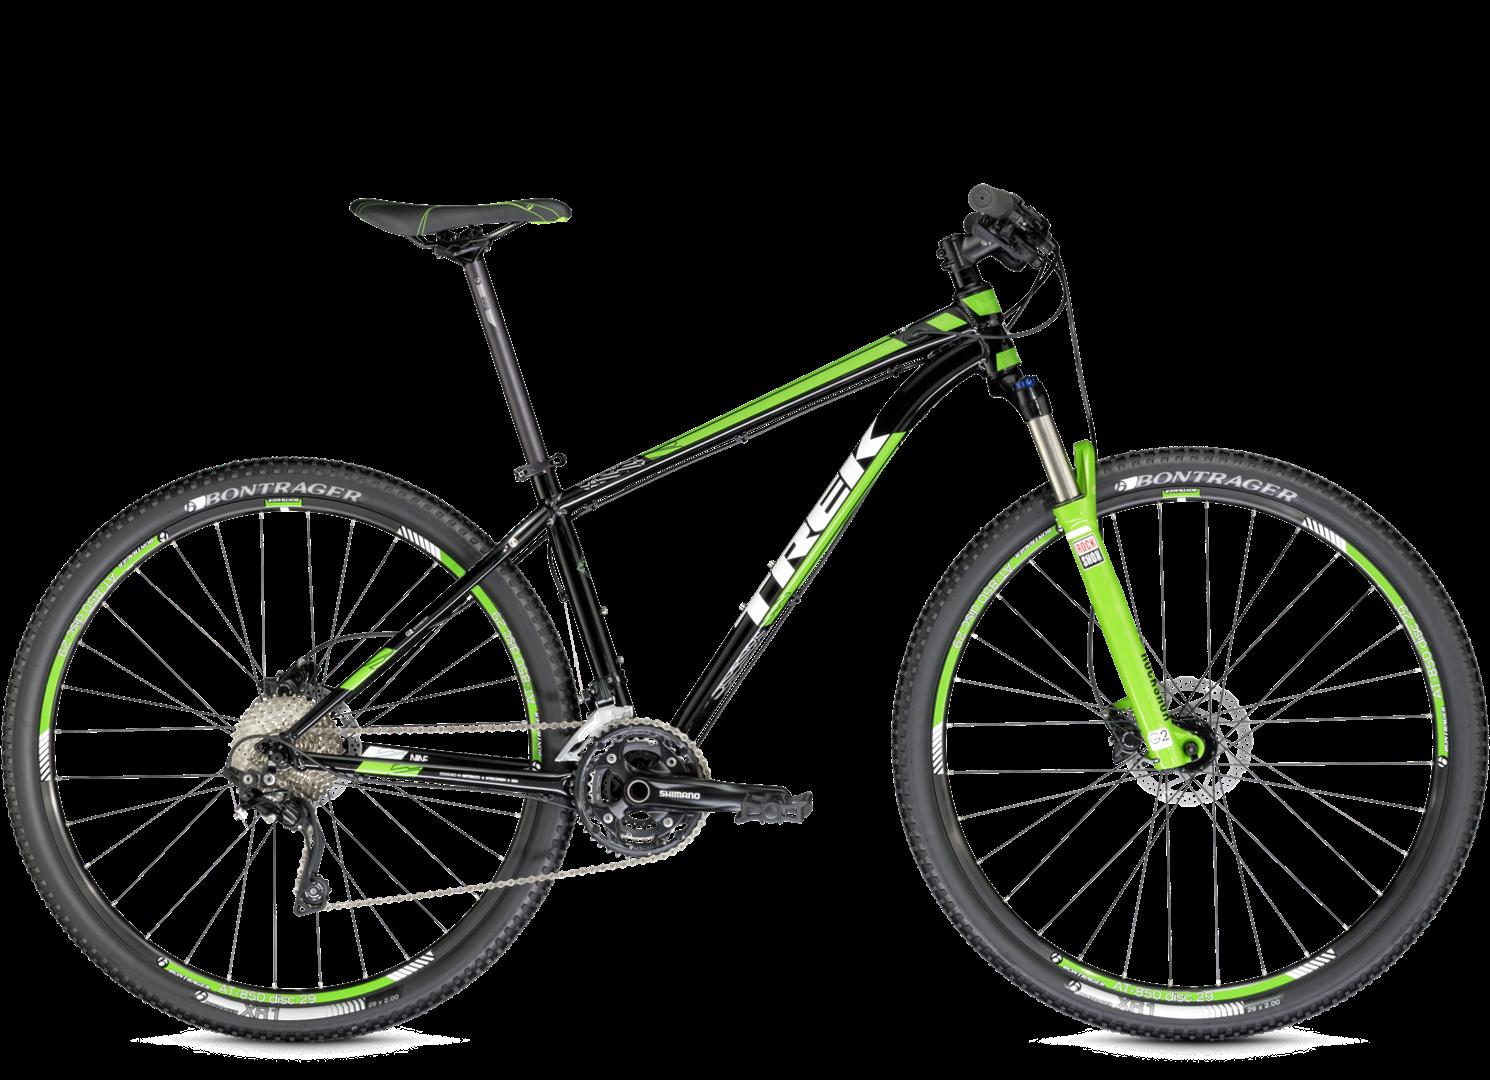 2014 Trek 29er Bikes X Caliber 9